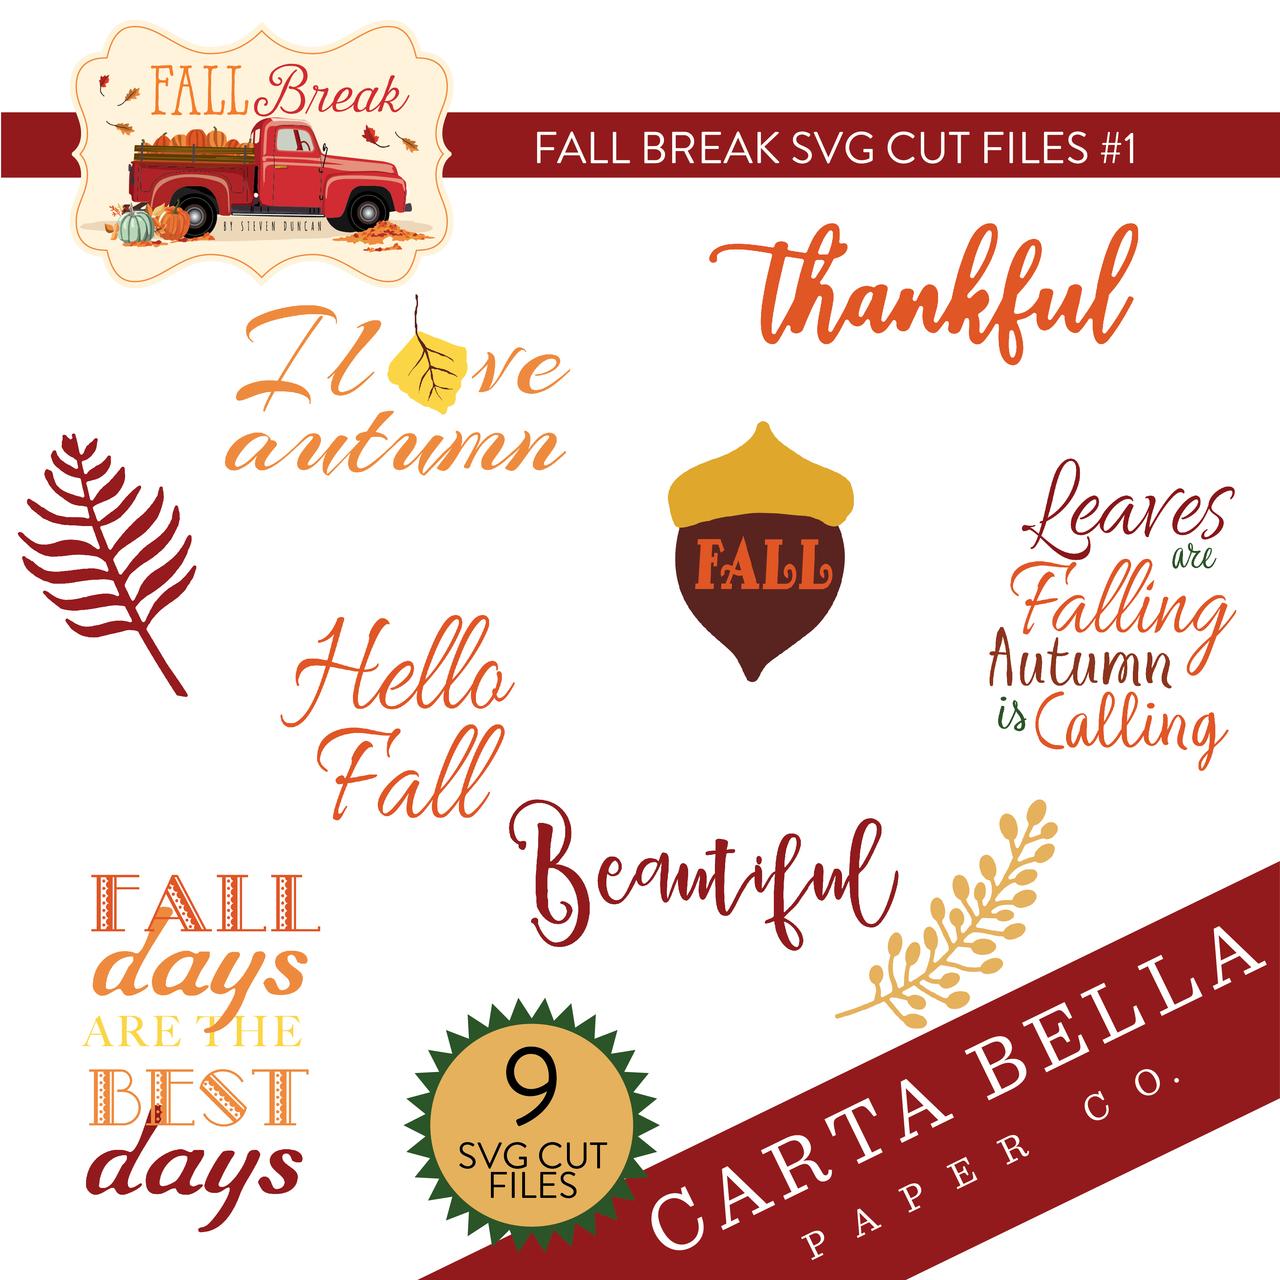 Fall Break SVG Cut Files #1